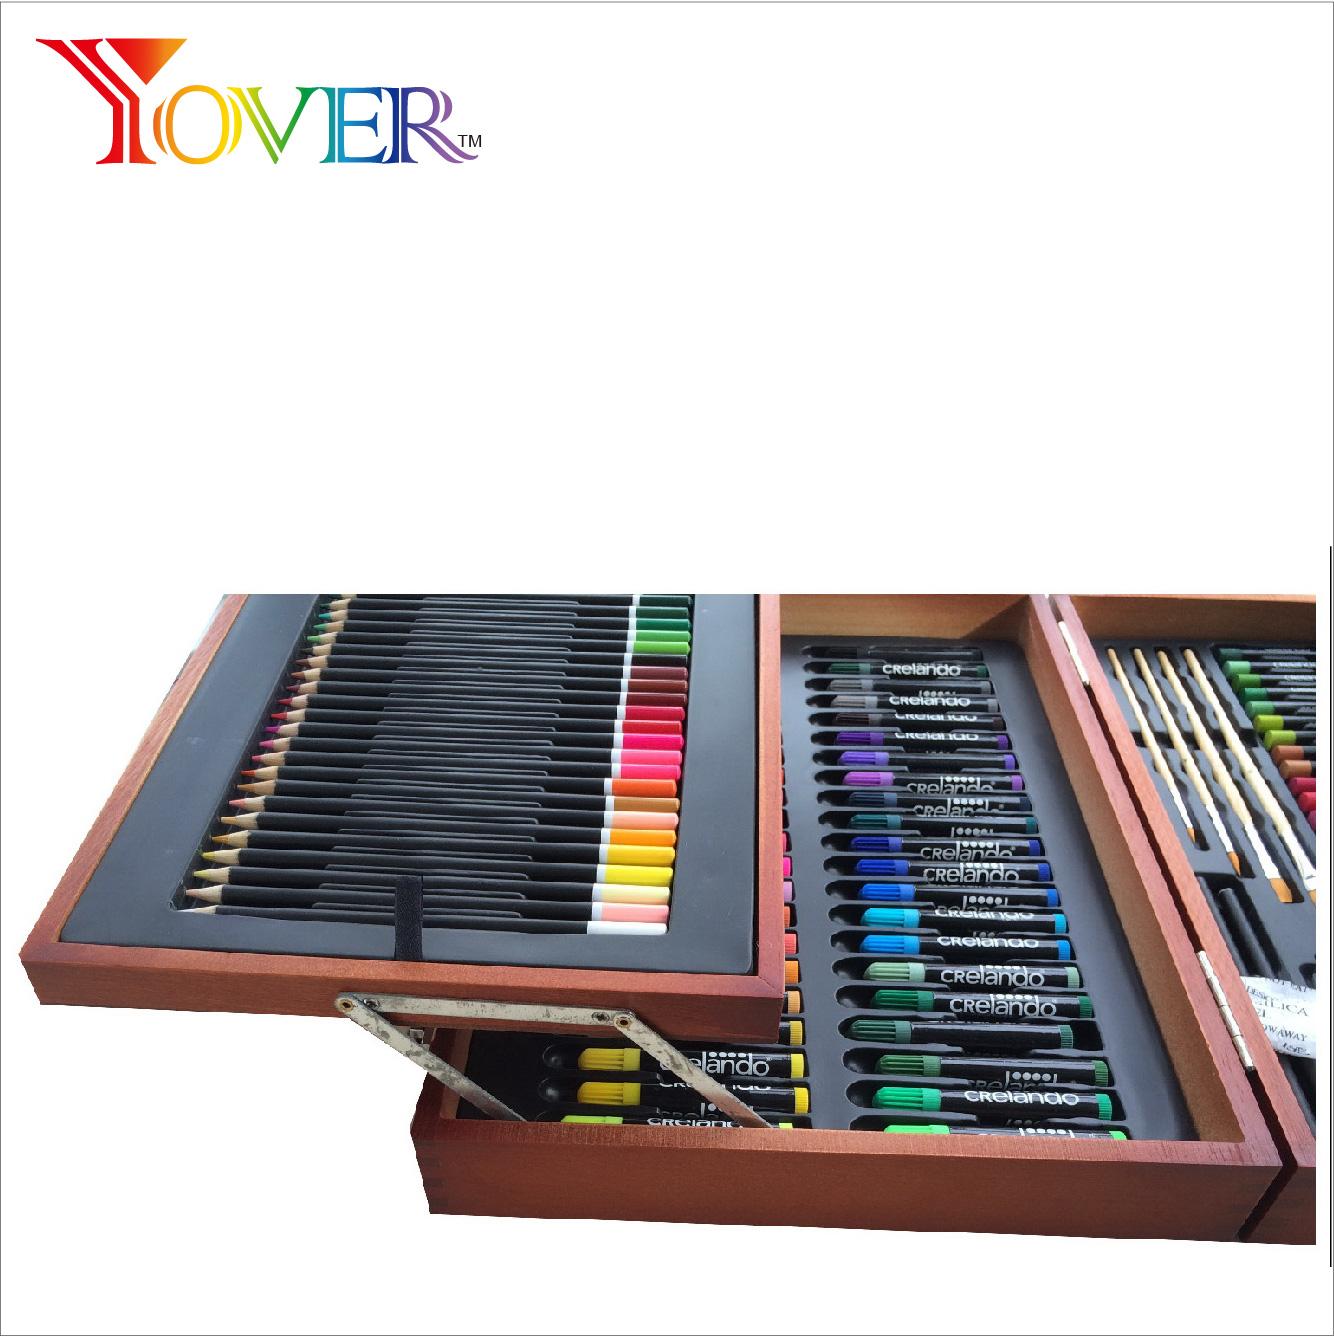 kit de arte profesional para ni/ños adolescentes y adultos Juego de 145 piezas de arte de lujo juego de dibujo y pintura suministros de equipo de arte en caja de aluminio port/átil